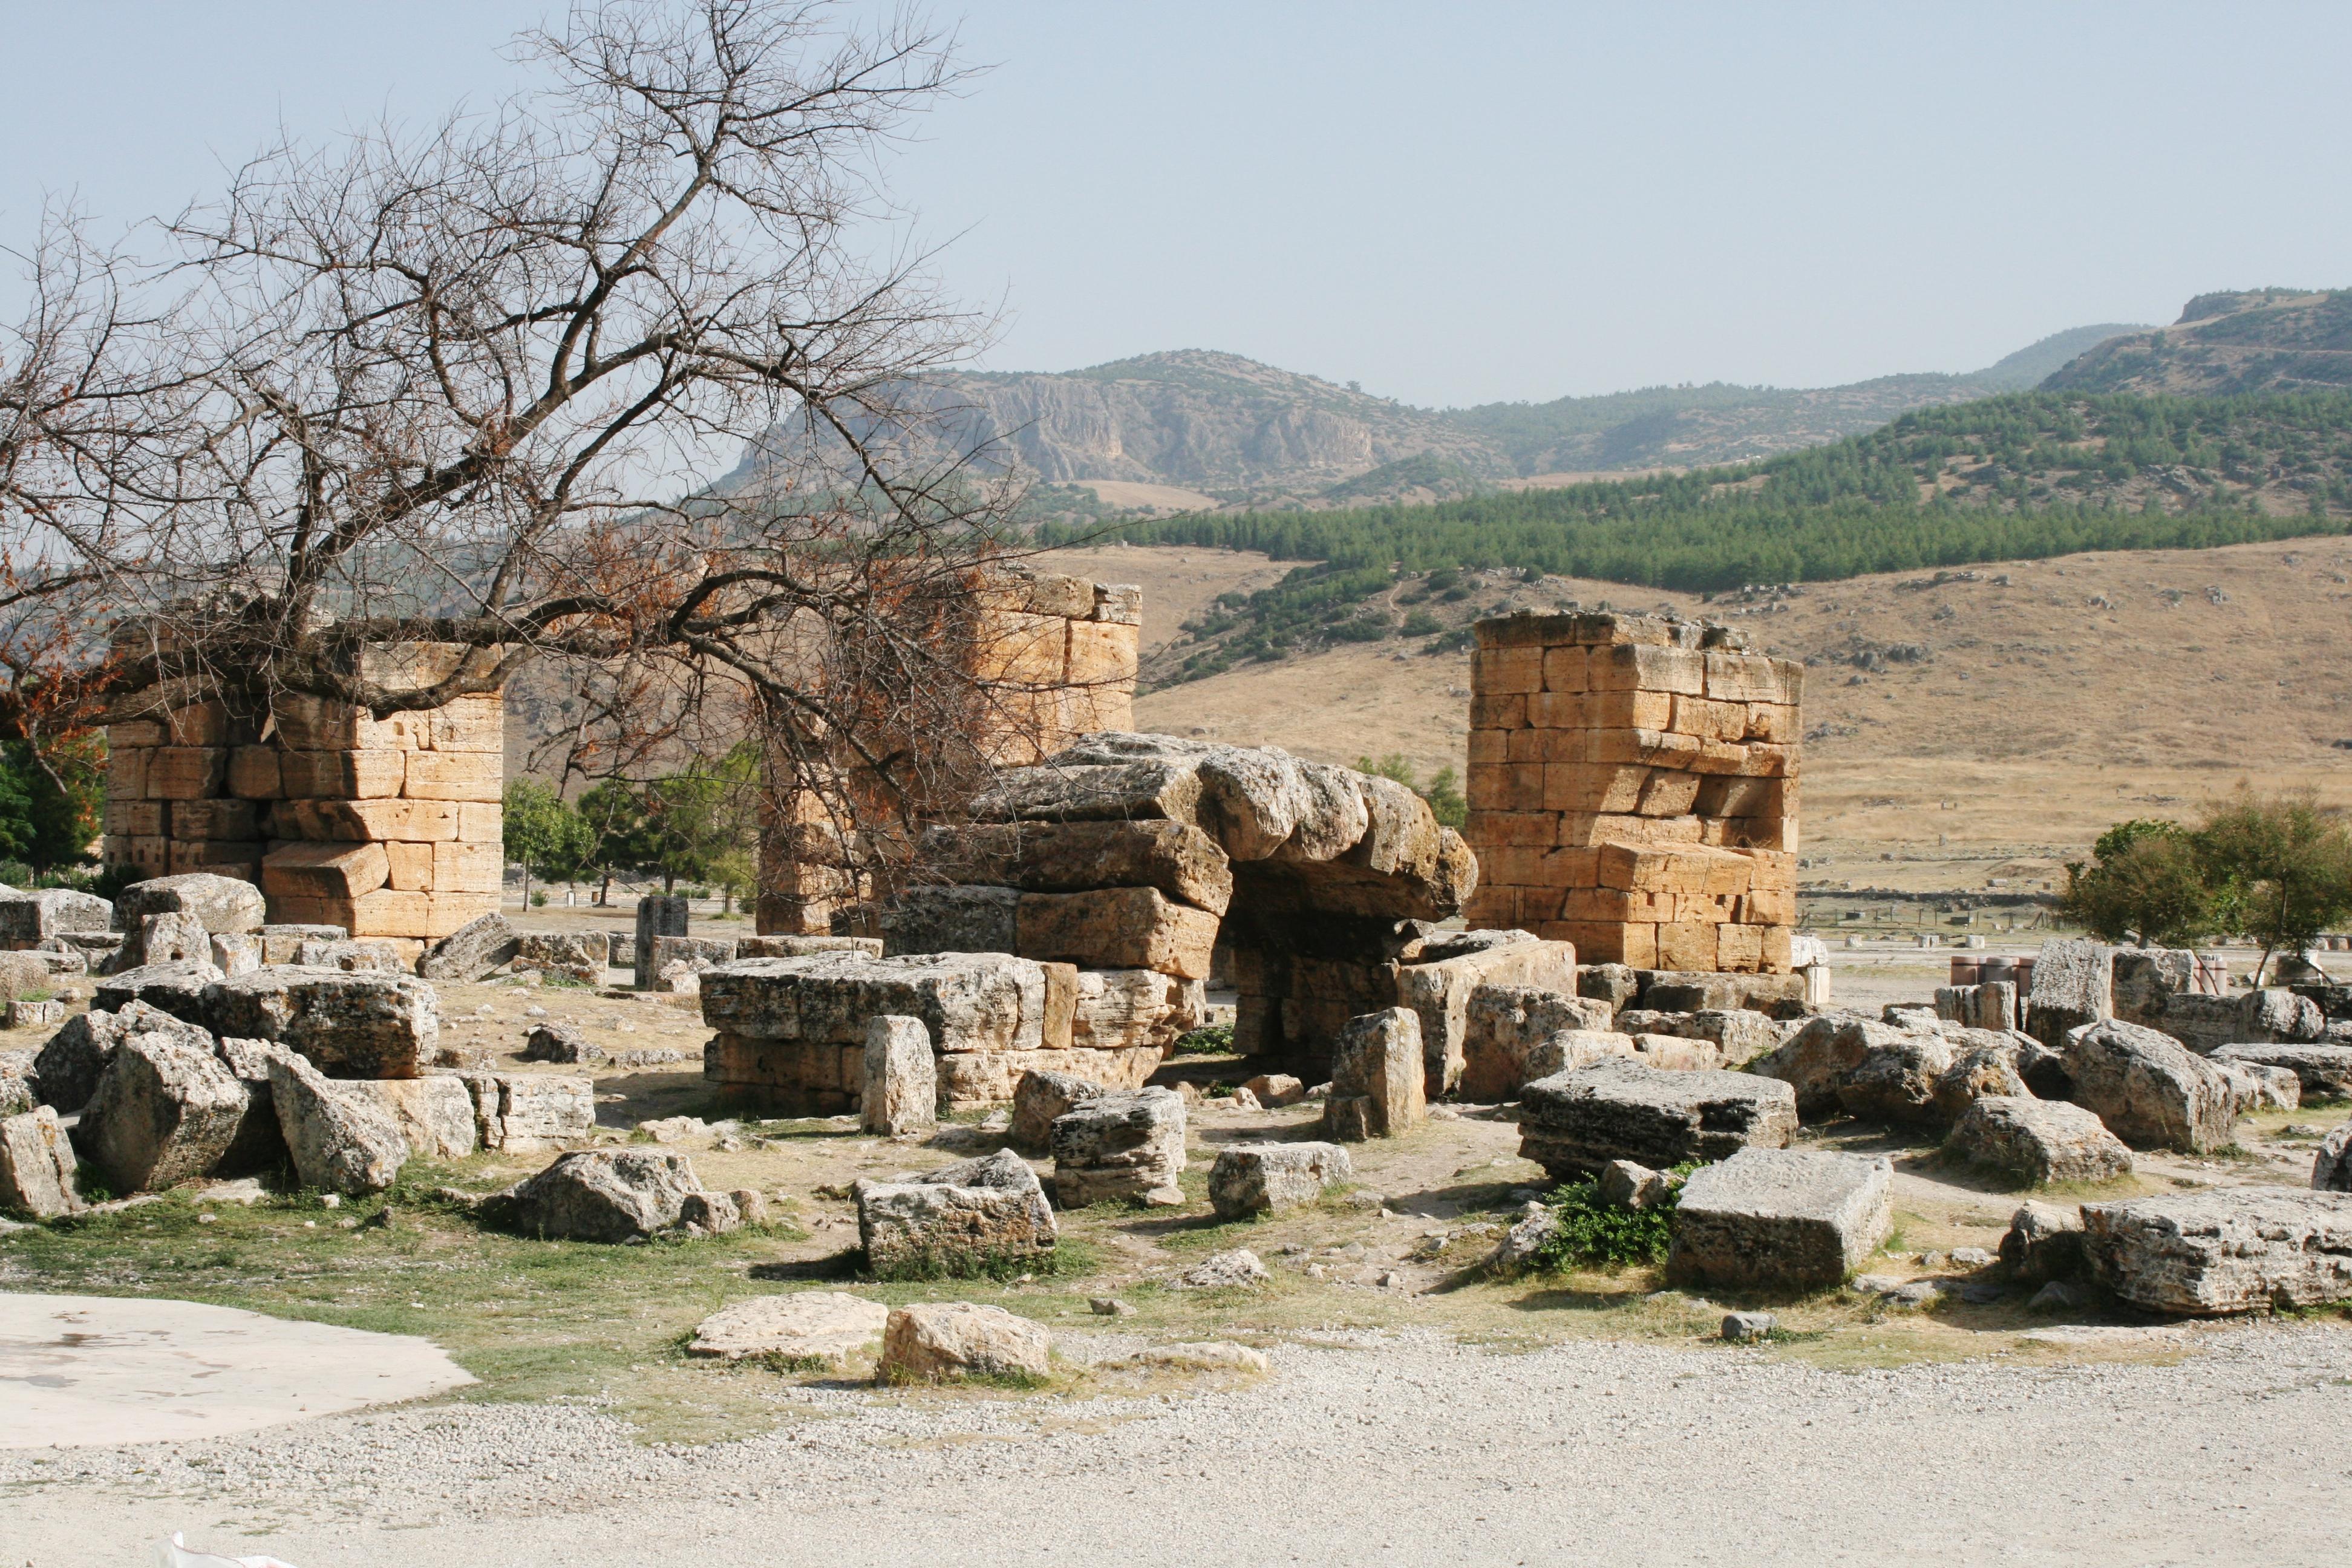 Rondreis Turkije Pamukkale Geschiedenis